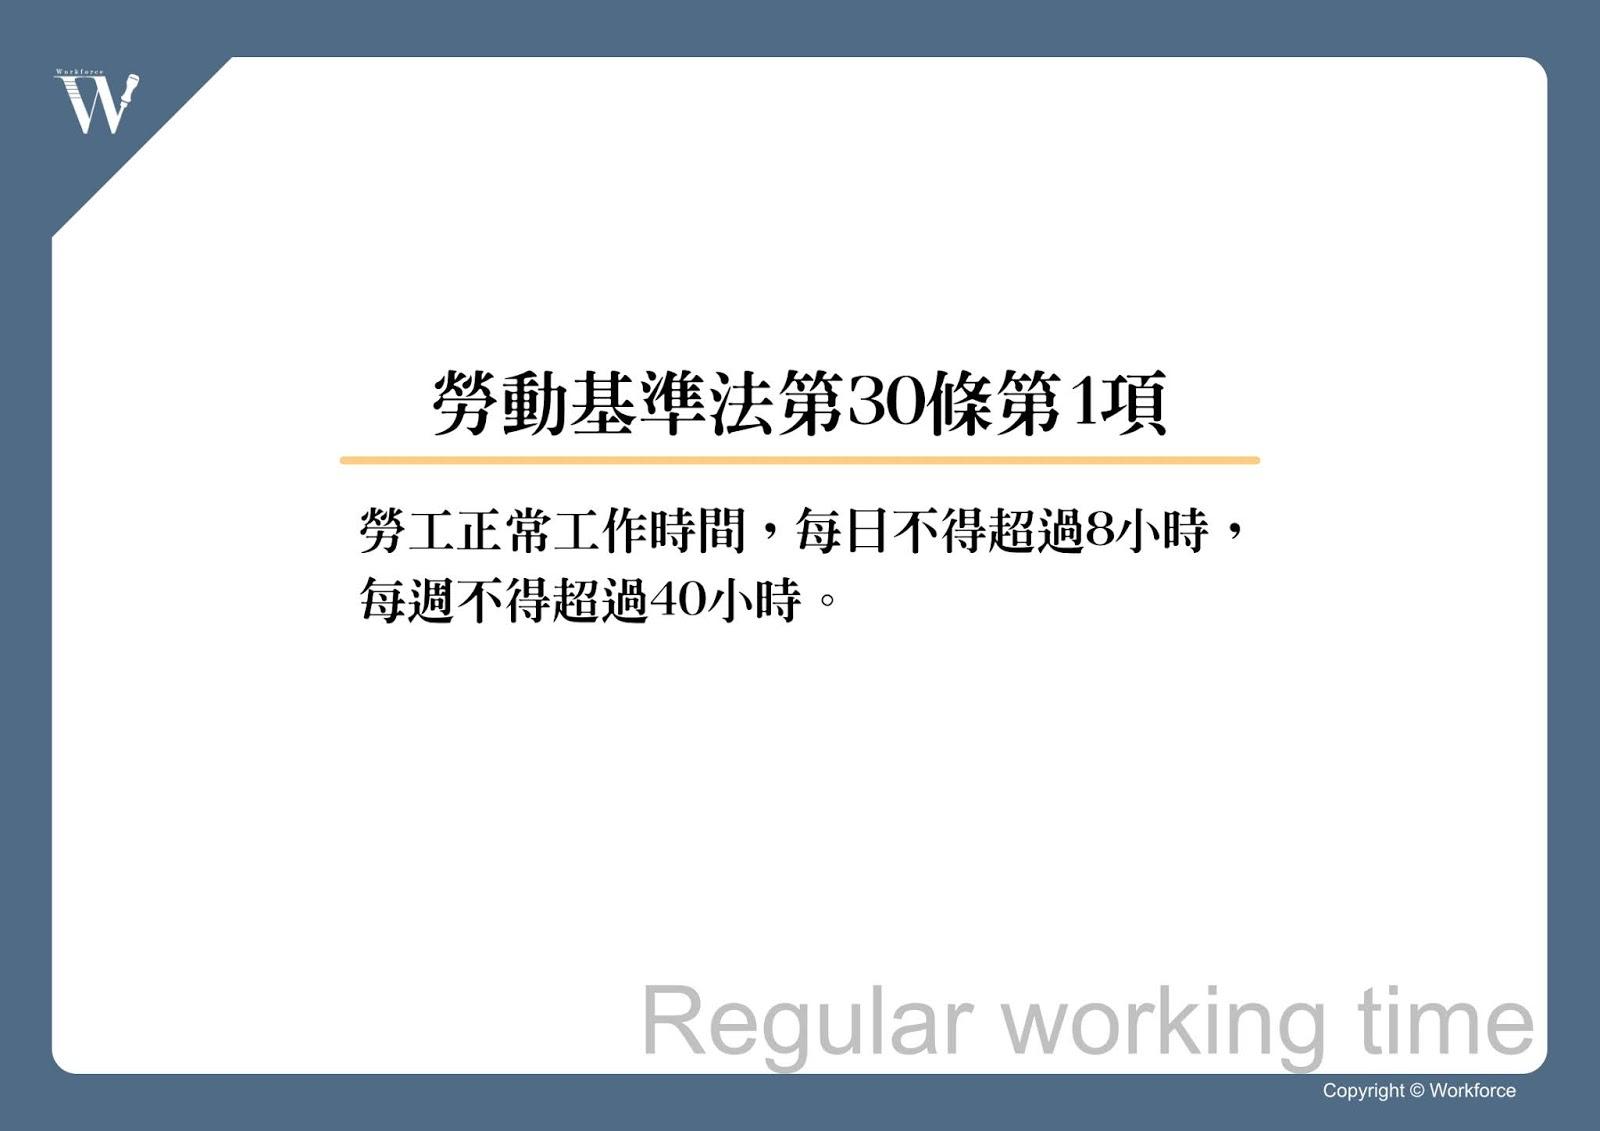 勞動基準法第30條第1項